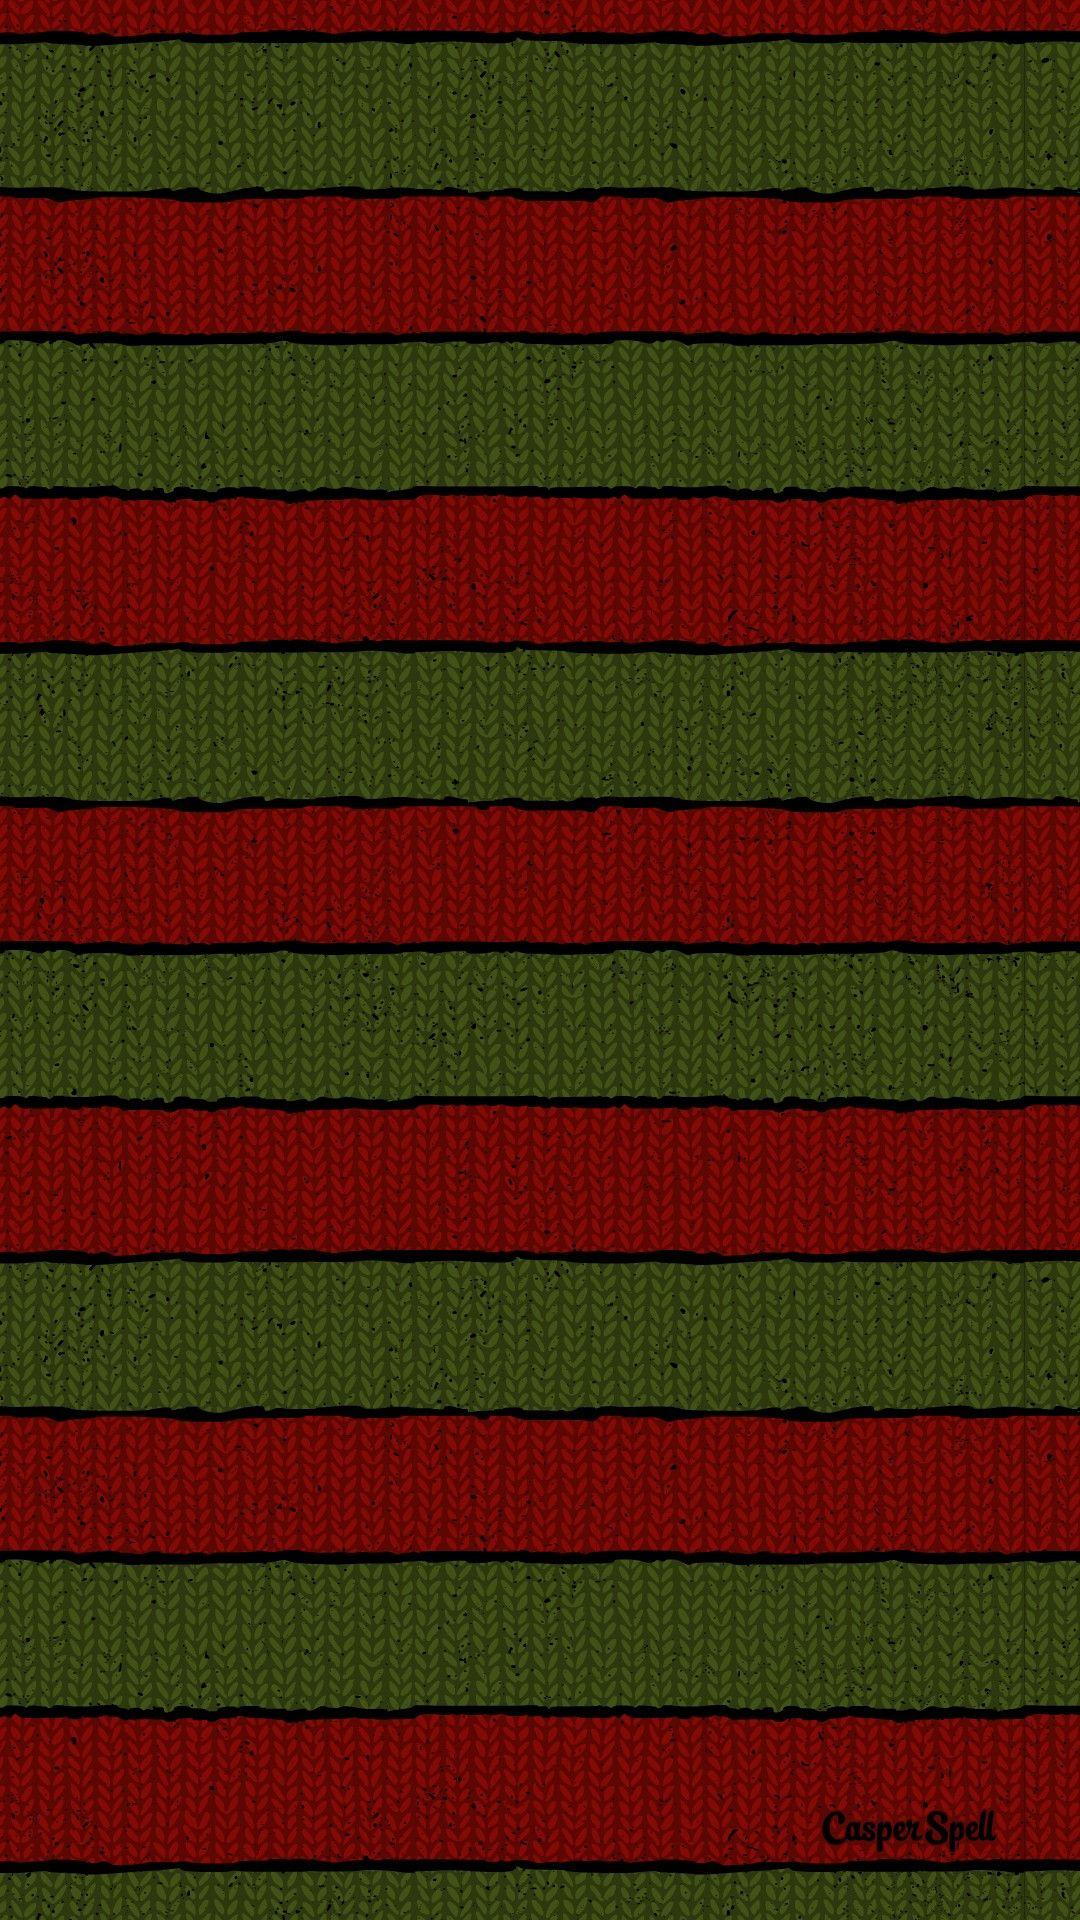 Freddy Krueger Sweater Pattern Art Background Repeat Wallpaper